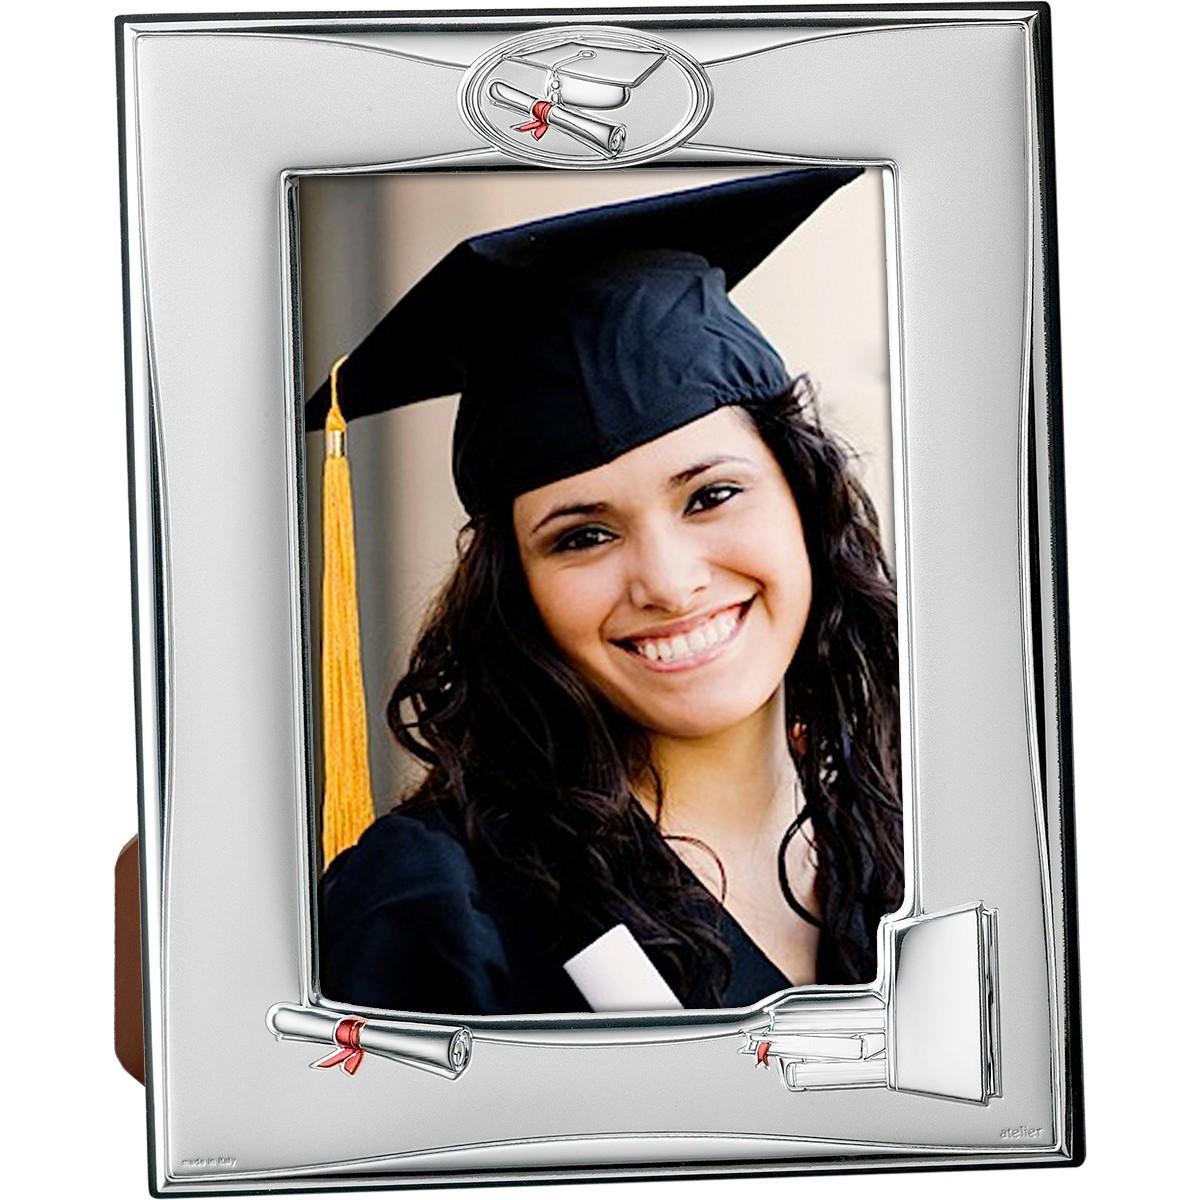 marco-fotos-plata-bilaminado-graduacion-birrete-titulo-libros-13x18-deamsa-E0261-13-lomejorsg.jpg